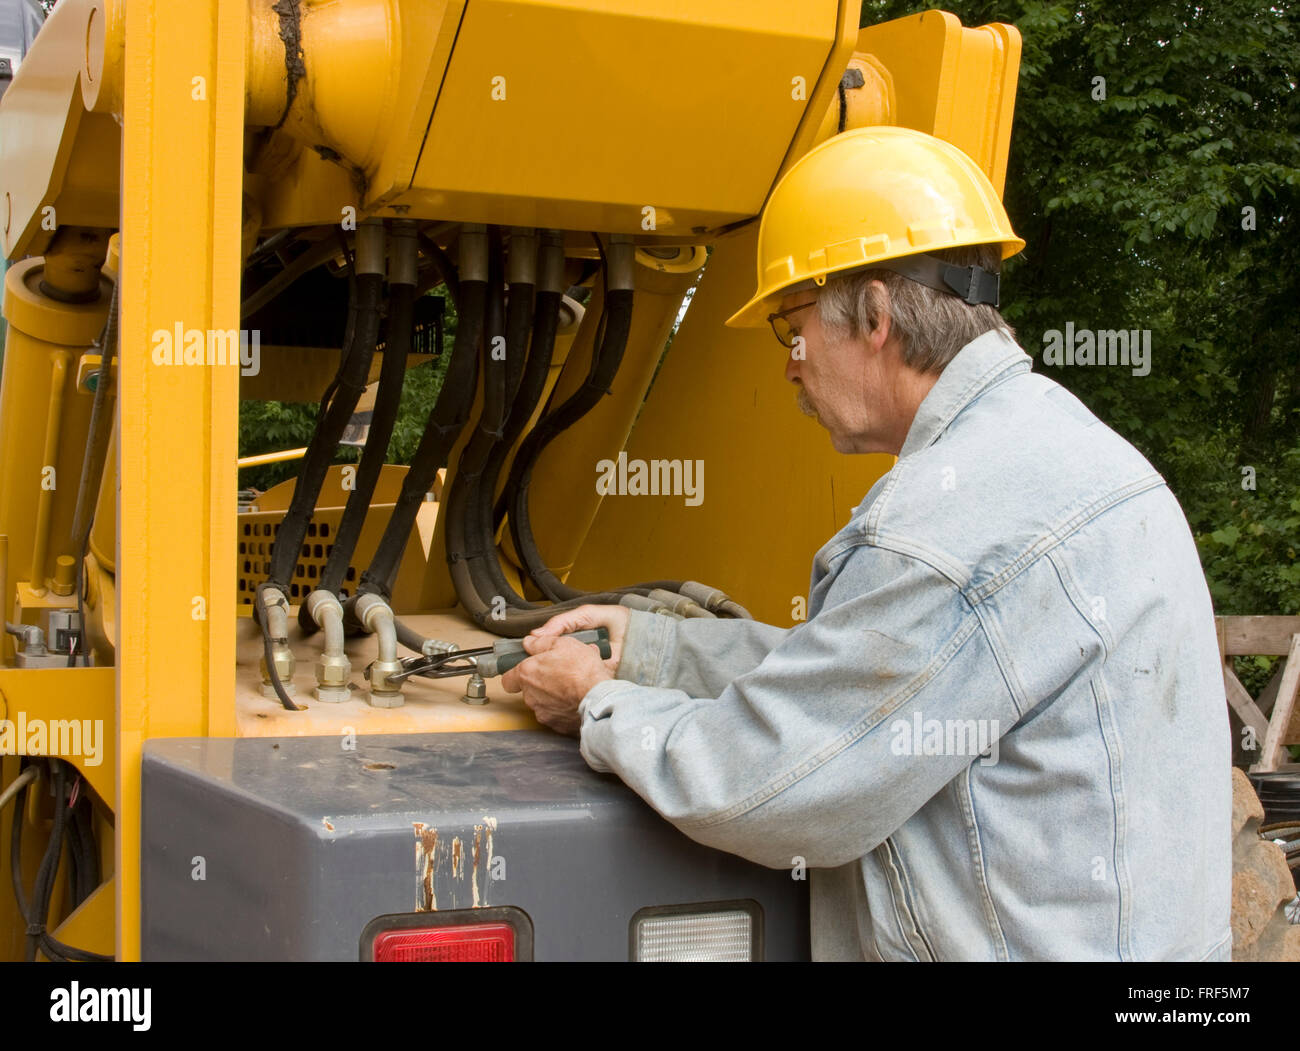 heavy equipment mechanic repairing hydraulic hoses - Stock Image